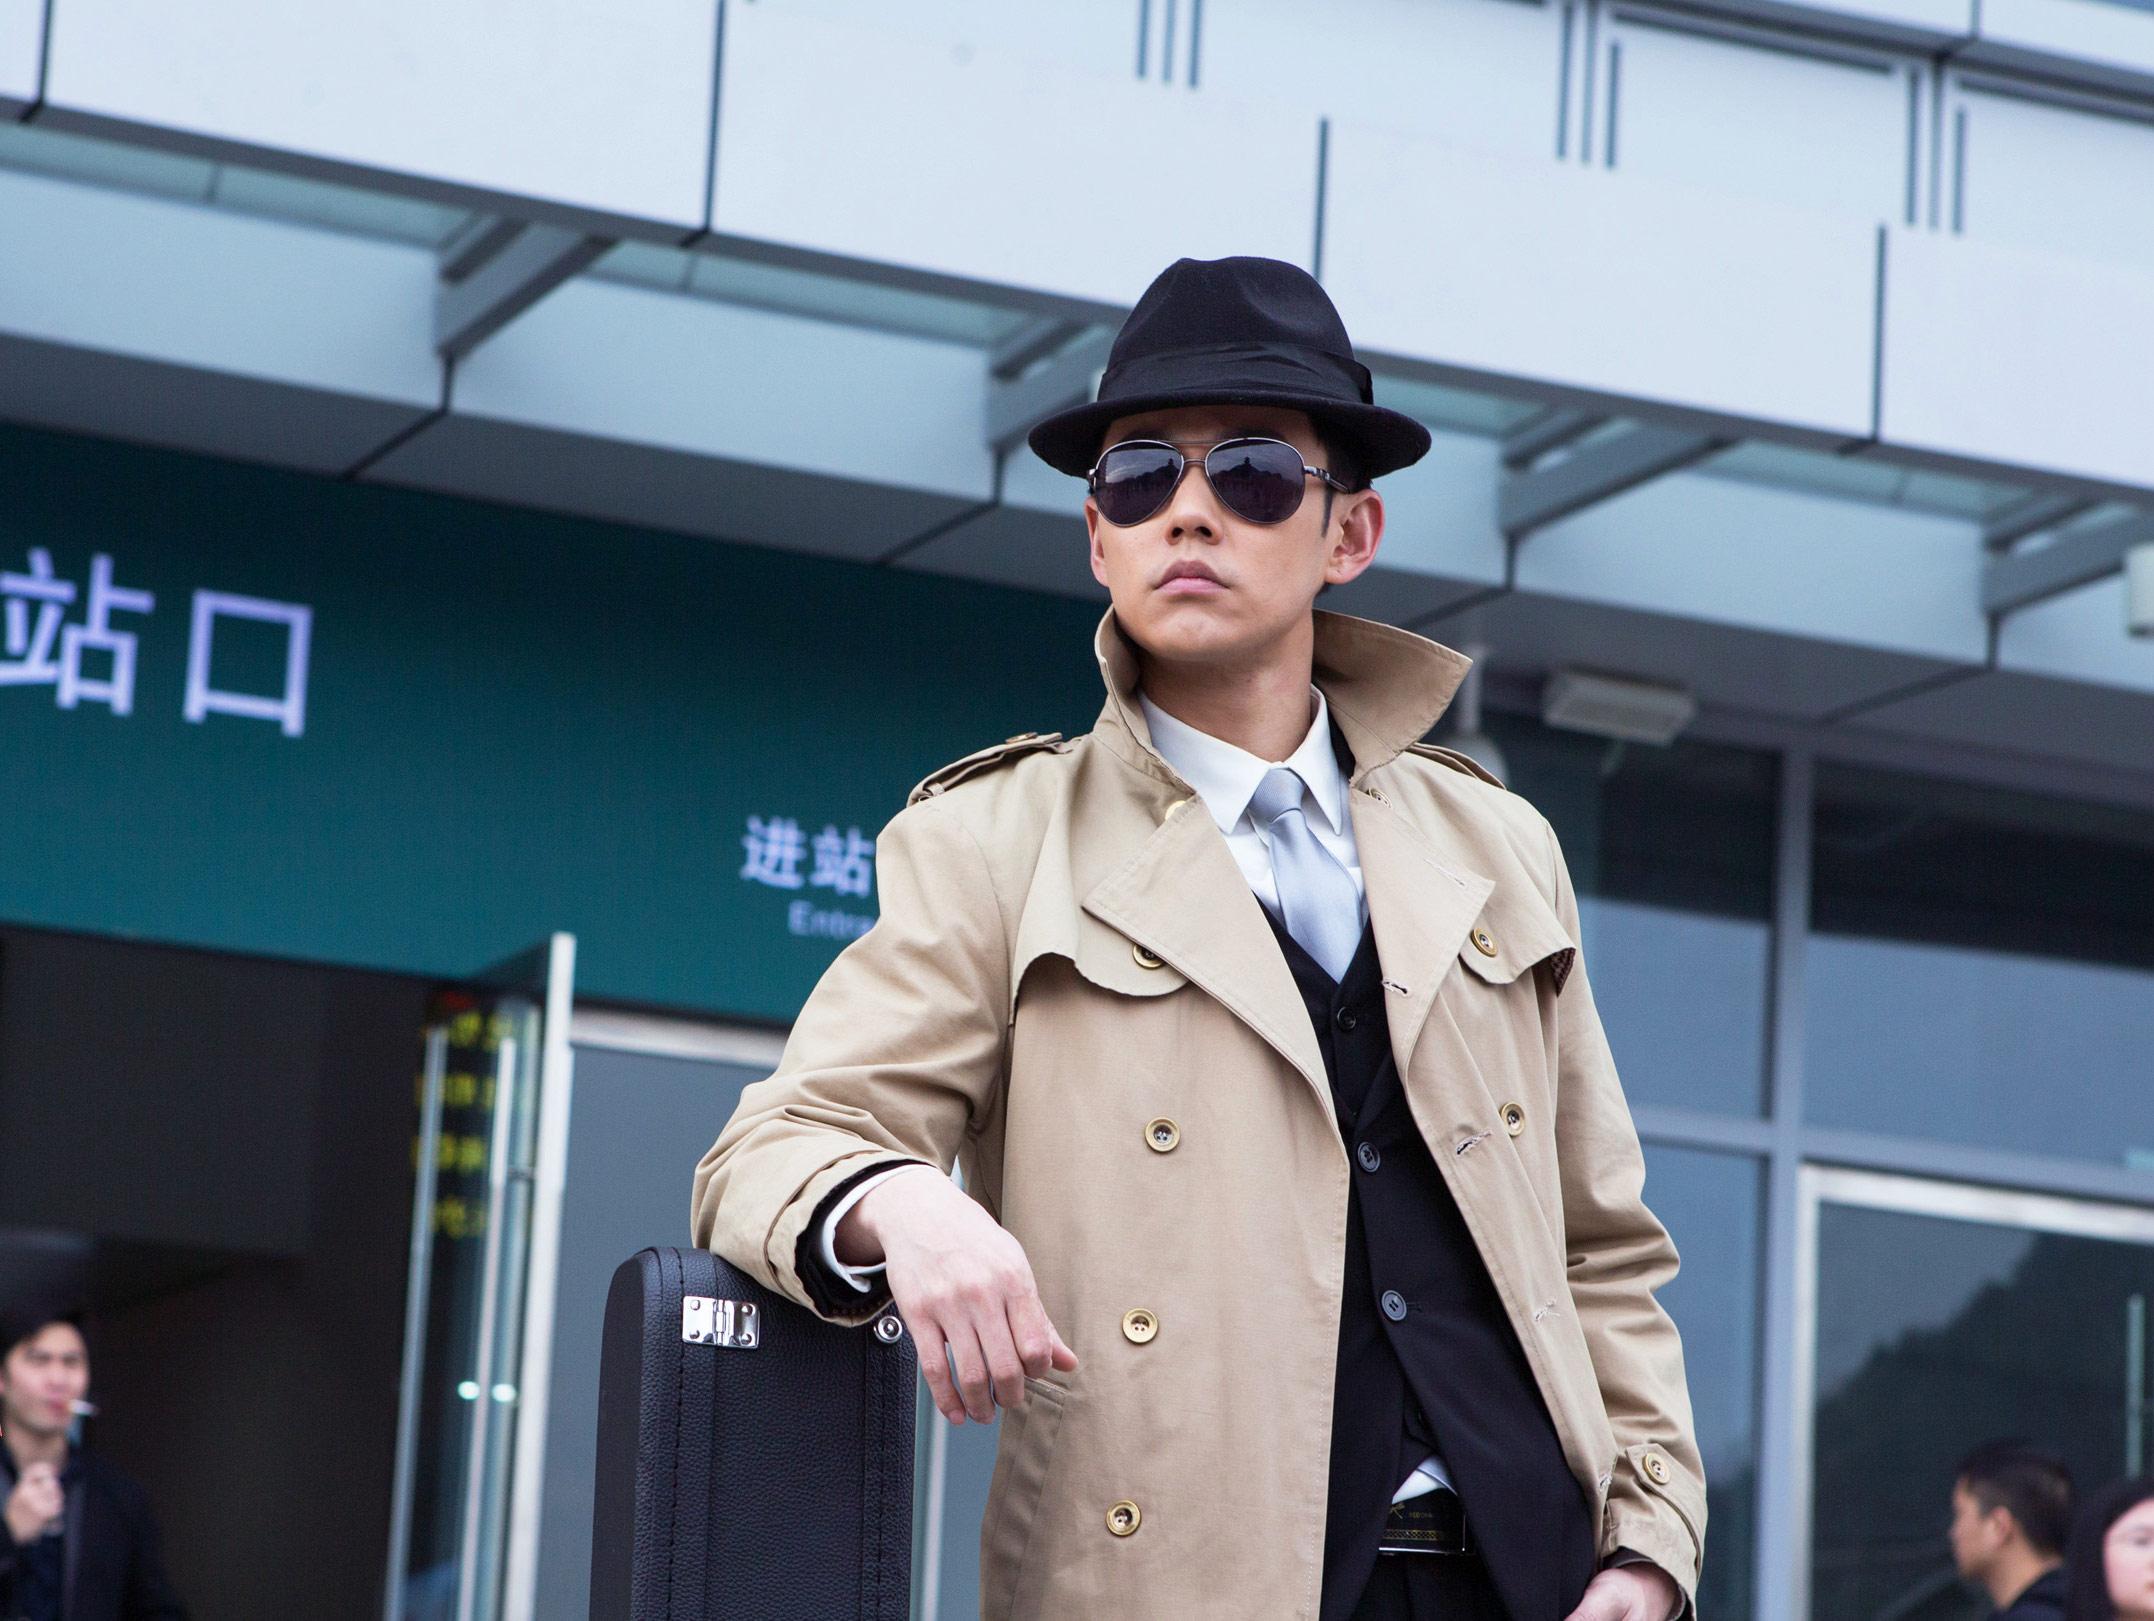 电影《我是检察官》热映获高度好评